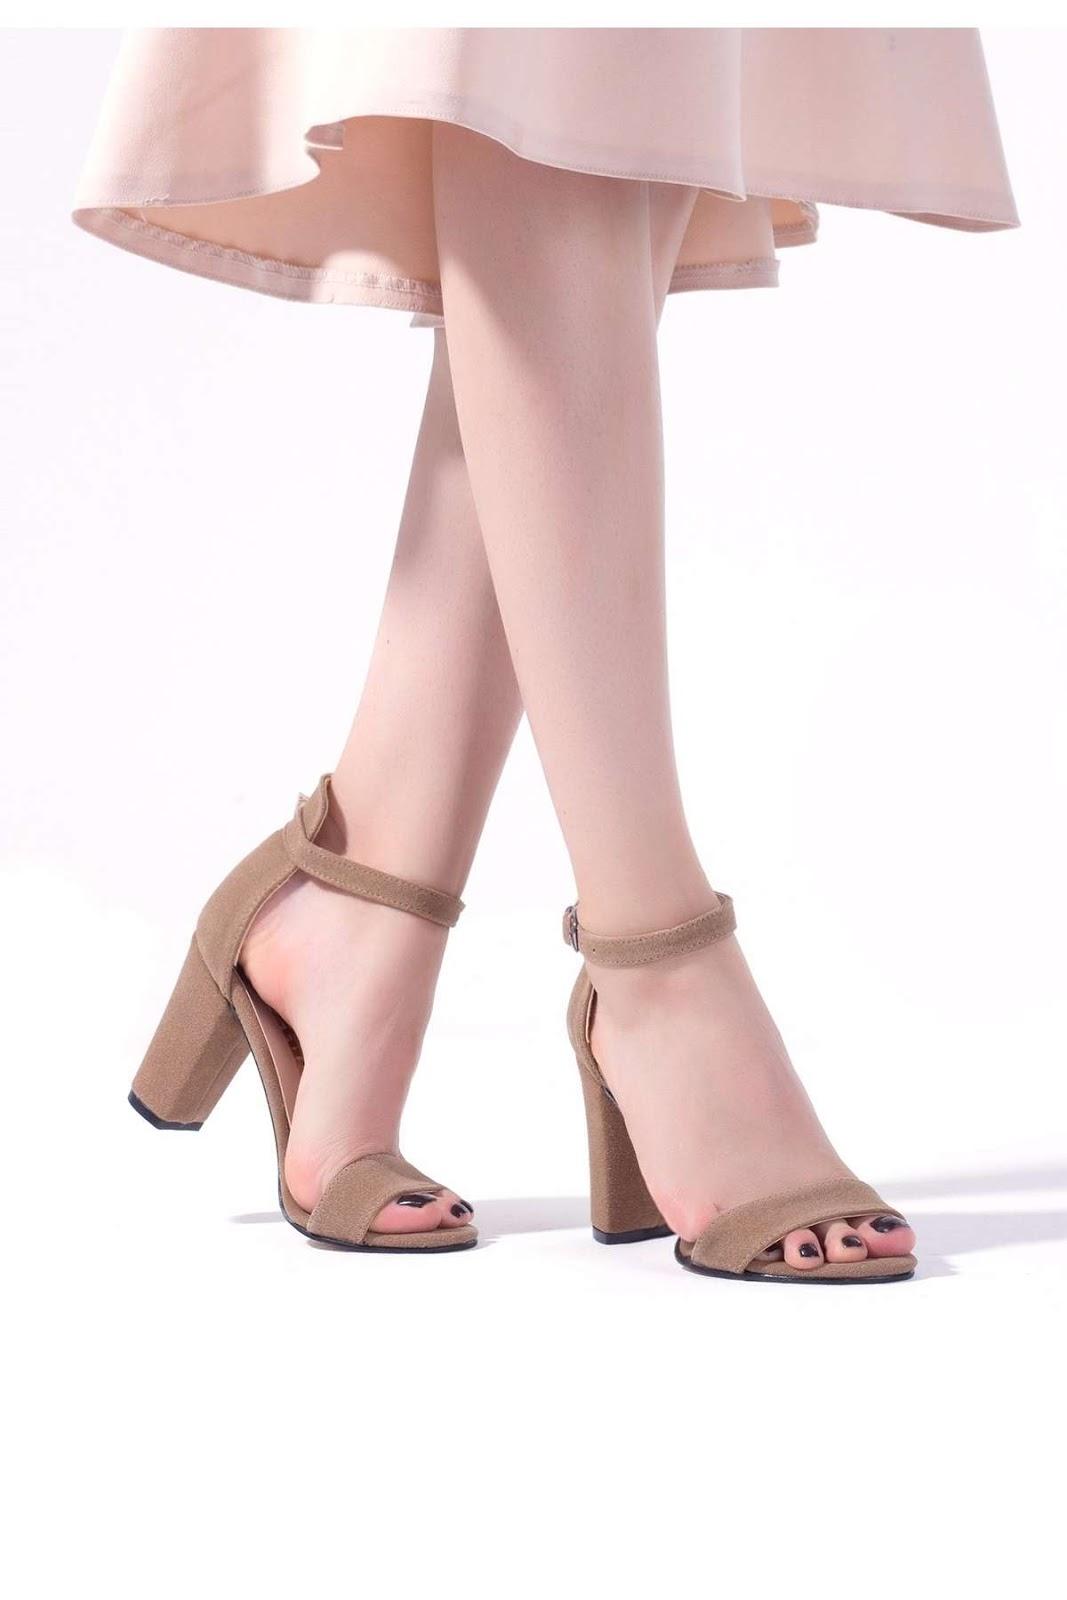 ddb9e788f5ead Kadın Ayakkabı Modelleri Ucuz Bayan Ayakkabı Fiyatları Topuklu Ayakkabı  Günlük Casual Ayakkabı Bayan Spor Ayakkabı Kadın